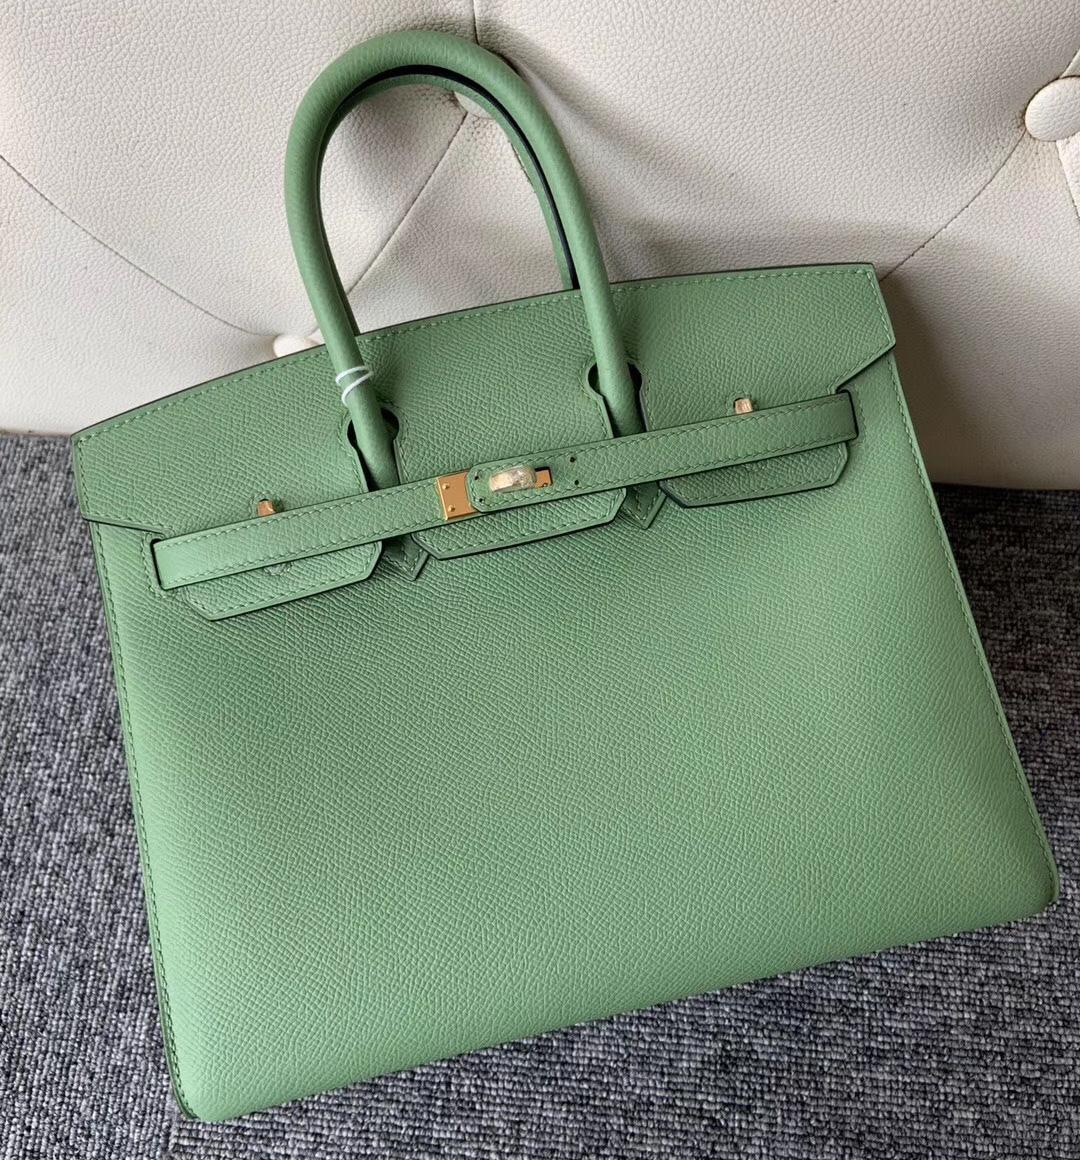 桃園市愛馬仕外縫鉑金包 Hermes Birkin 25cm 3I牛油果綠 Vert Criquet